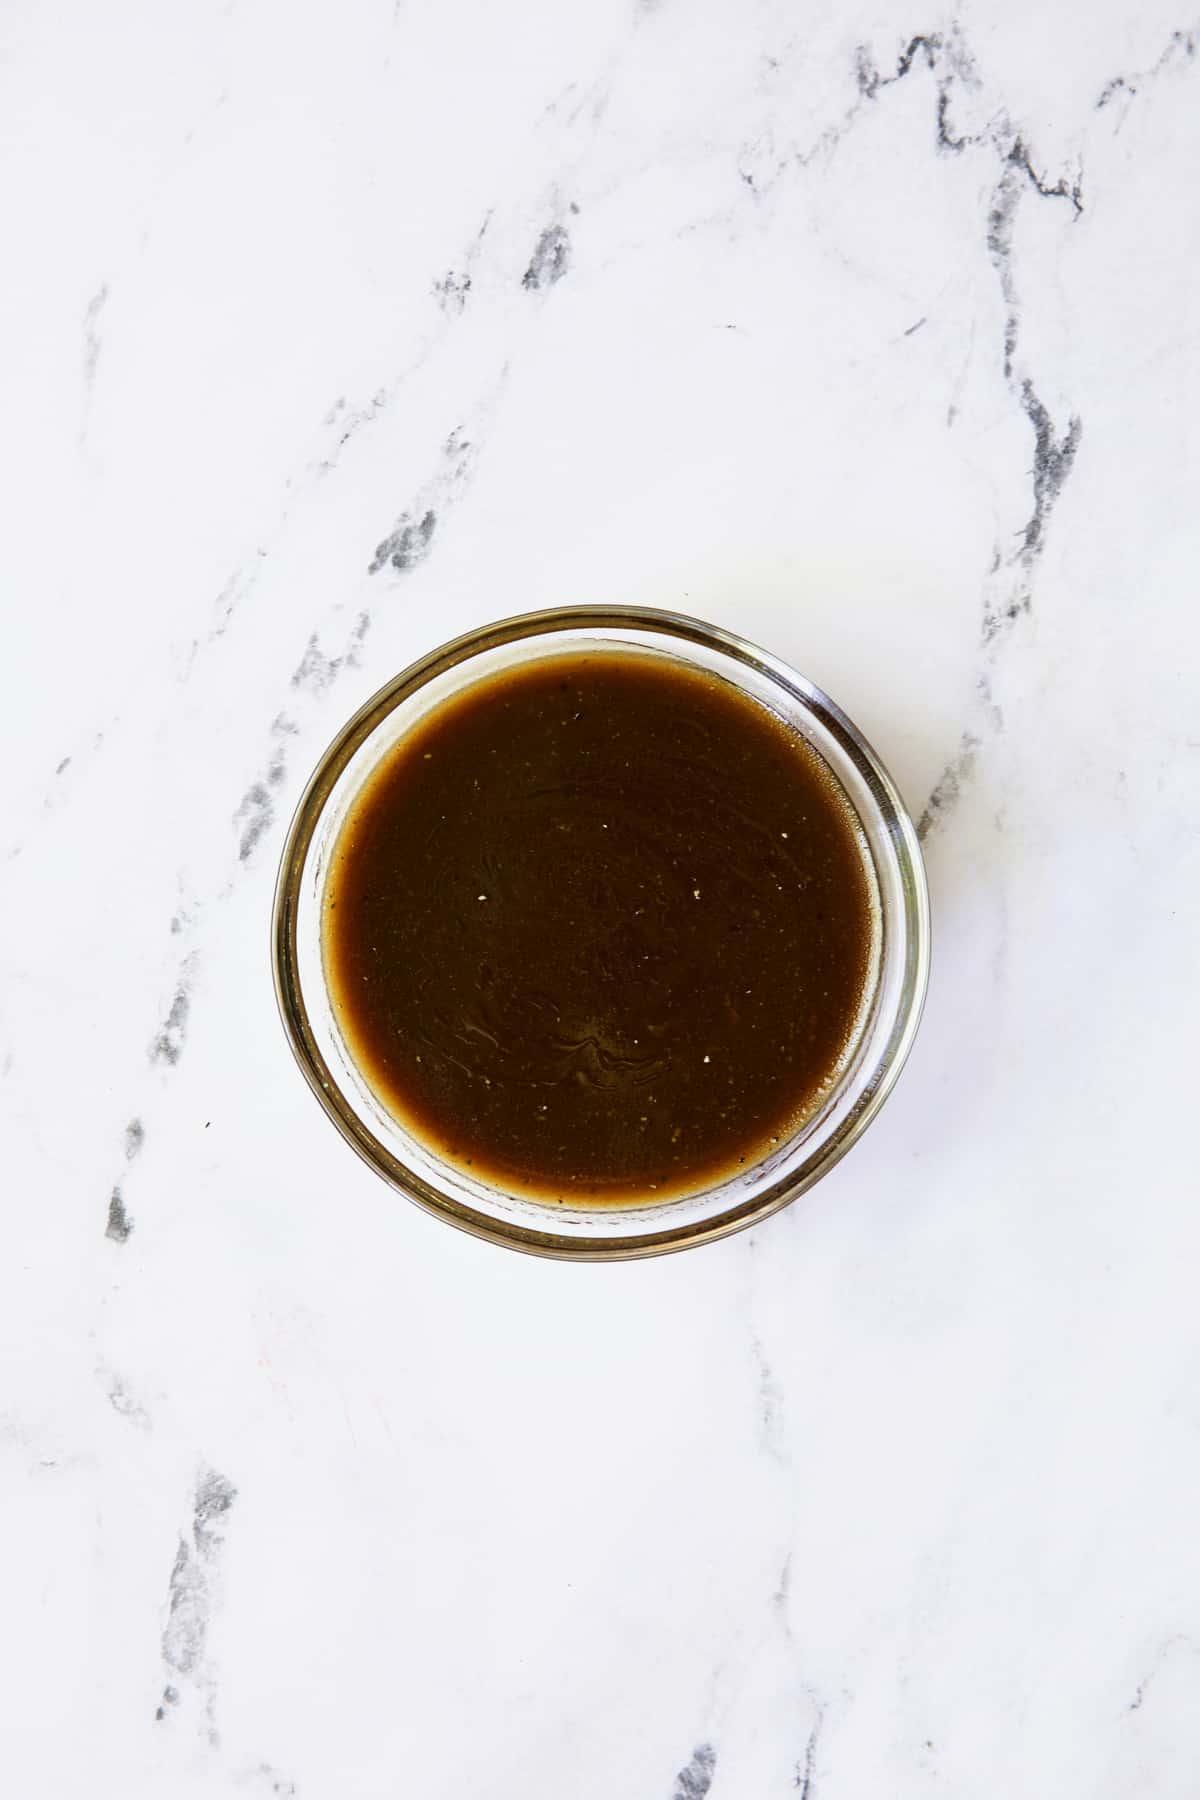 Honey Balsamic Dressing in glass bowl.